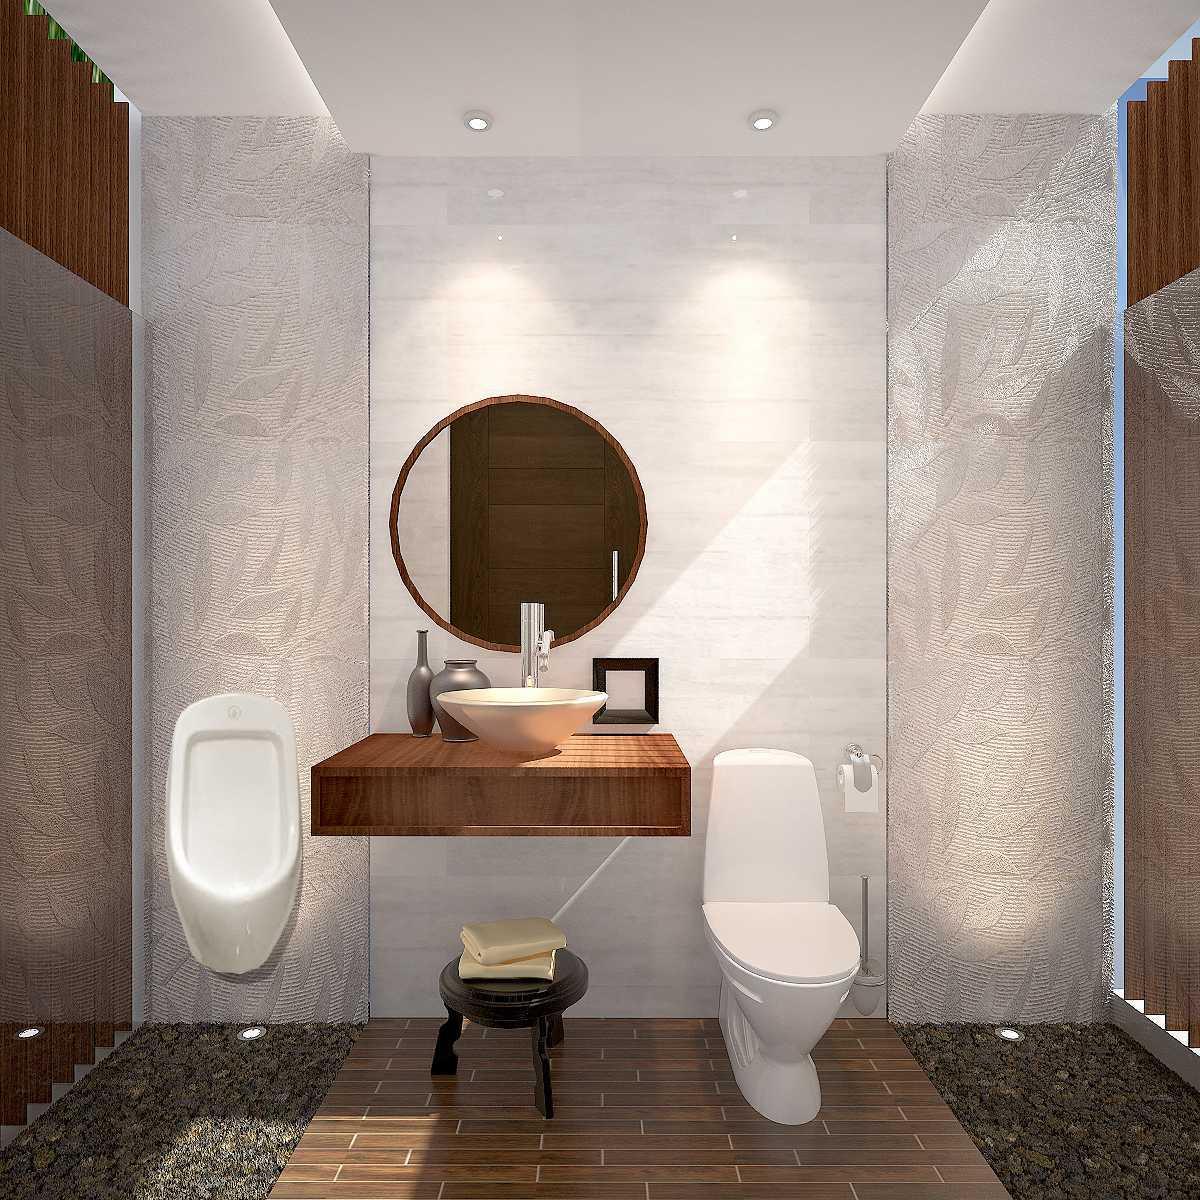 Kaye Interior Design Kemang Pratama House Bekasi, Tambelang, Bekasi, Jawa Barat, Indonesia Bekasi, Tambelang, Bekasi, Jawa Barat, Indonesia Bathroom   48918